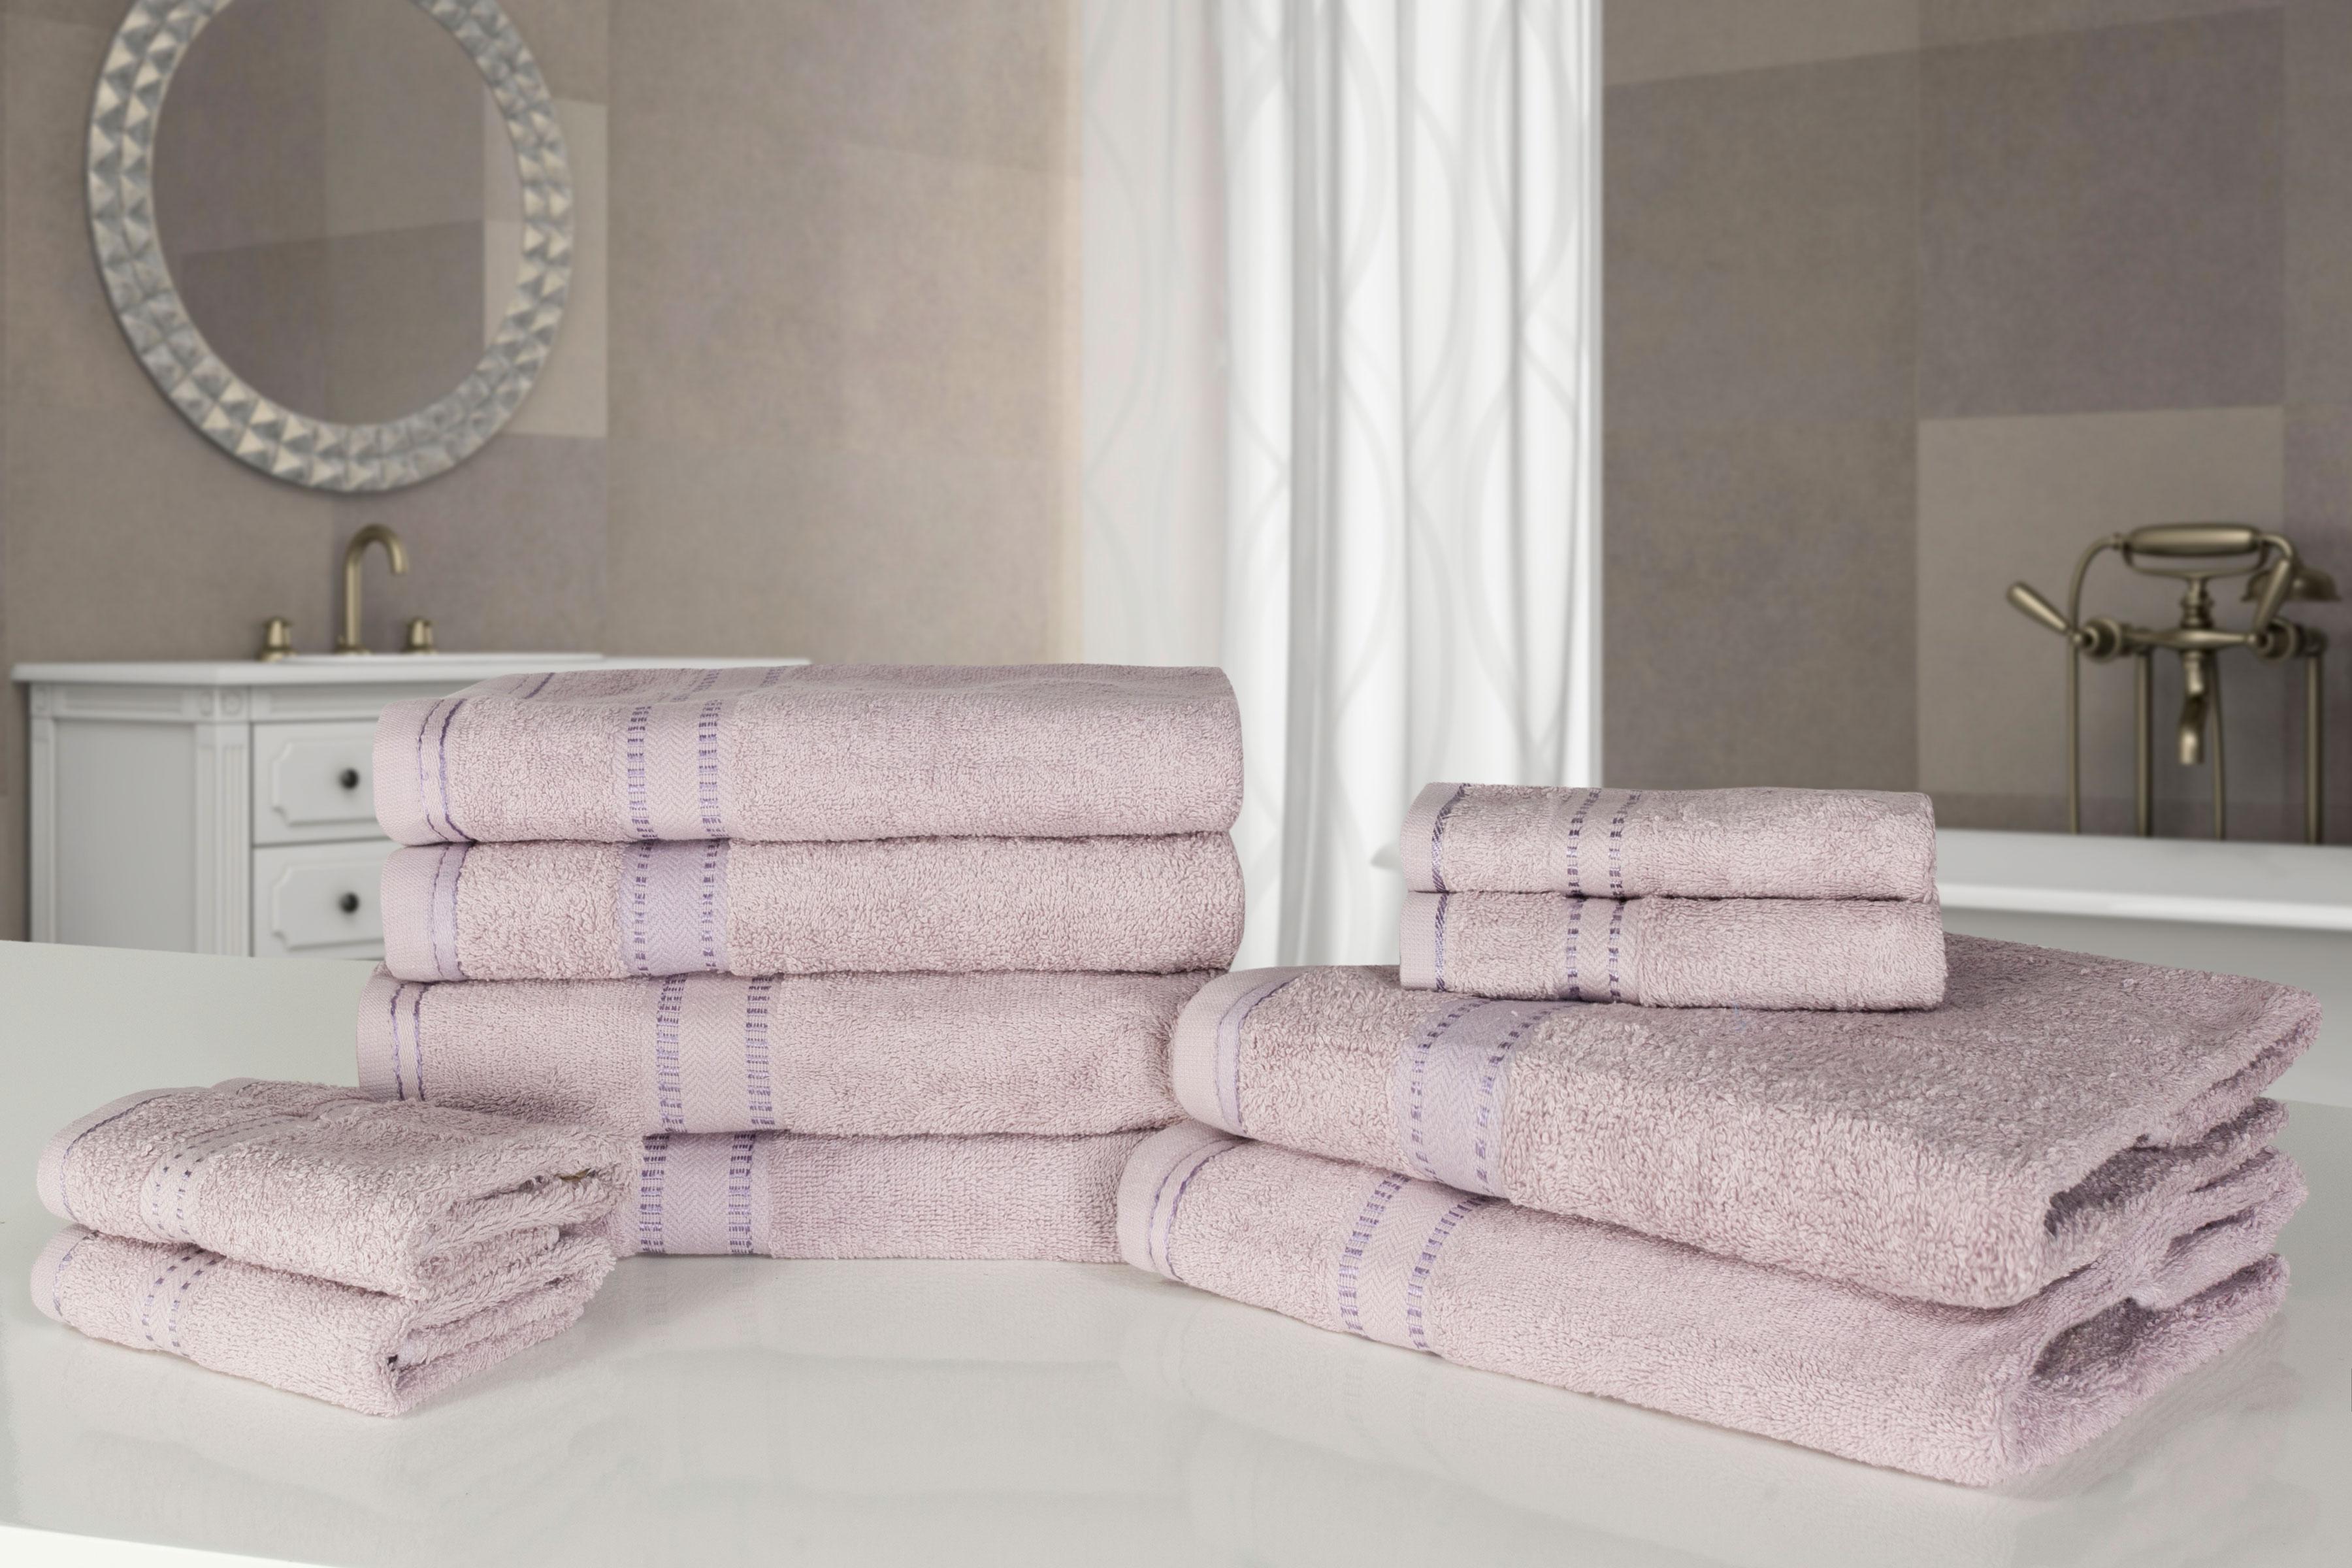 Morbido di lusso 10 pezzi 100 cotone asciugamani set faccia mano bagno ebay - Asciugamani bagno di lusso ...